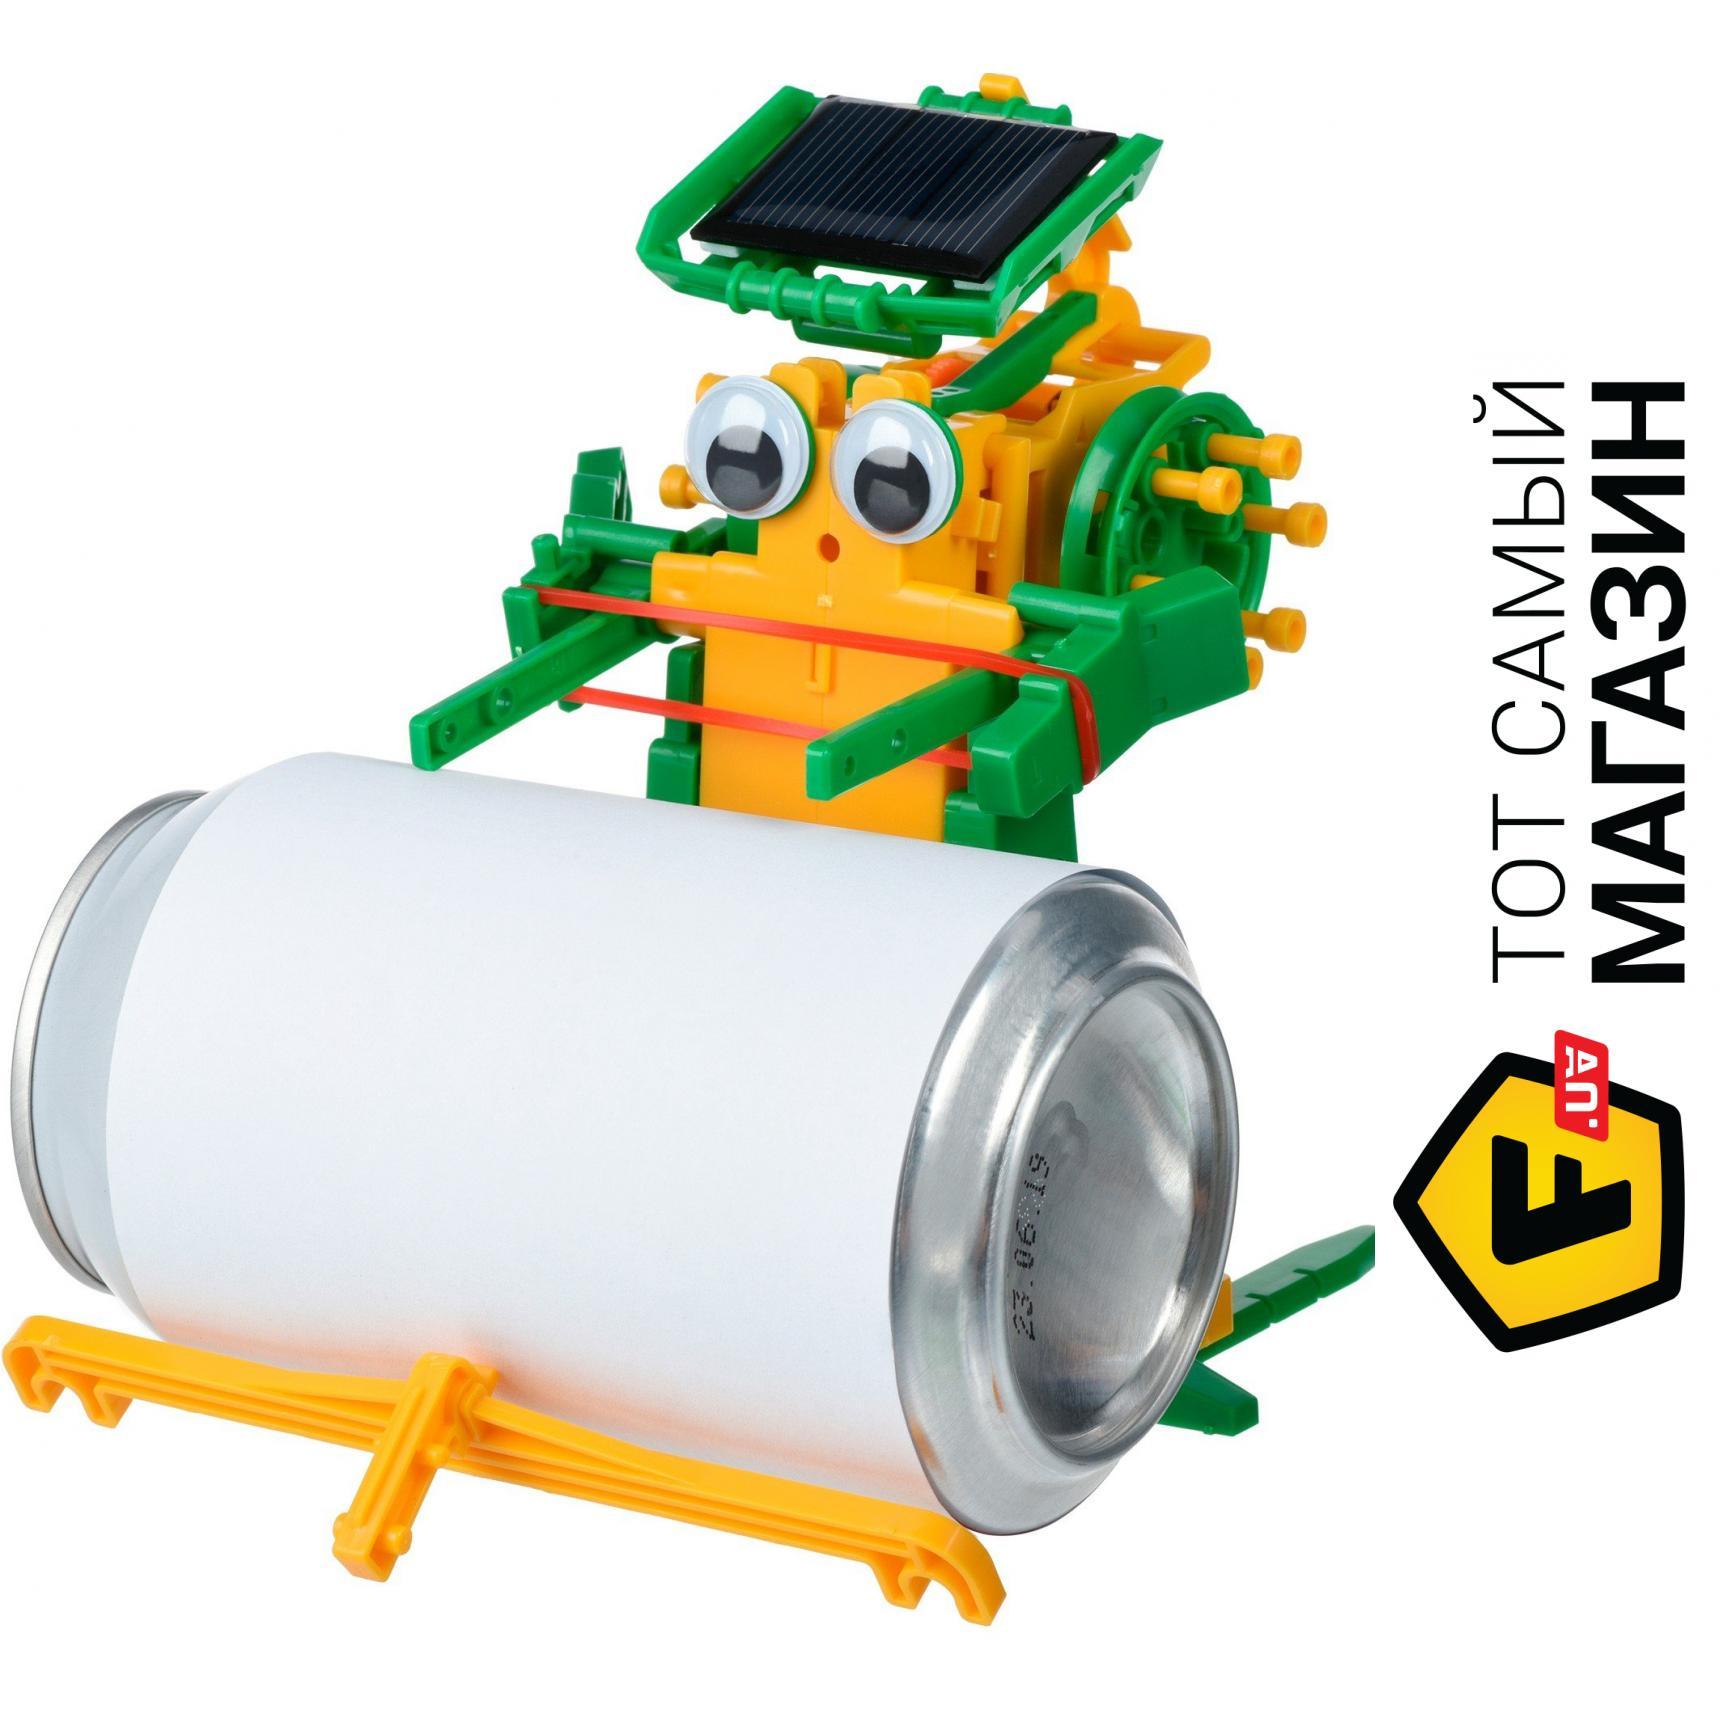 Электронный конструктор для мальчиков от 8 лет - Same Toy ...